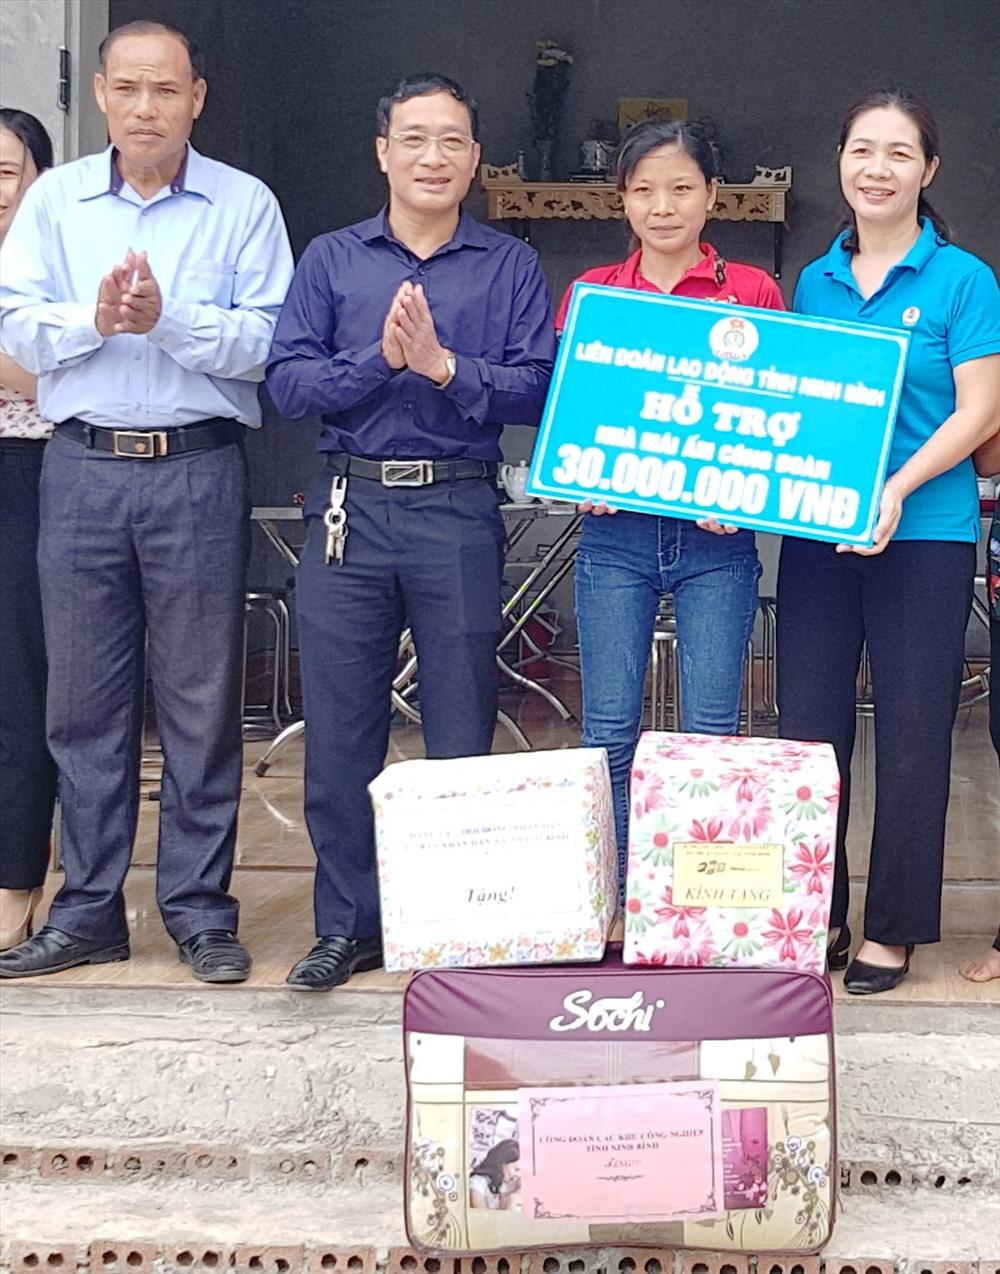 Đại diện lãnh đạo LĐLĐ tỉnh Ninh Bình trao tiền hỗ trợ cho gia đình chị Nguyễn Thị Nghị. Ảnh: NT